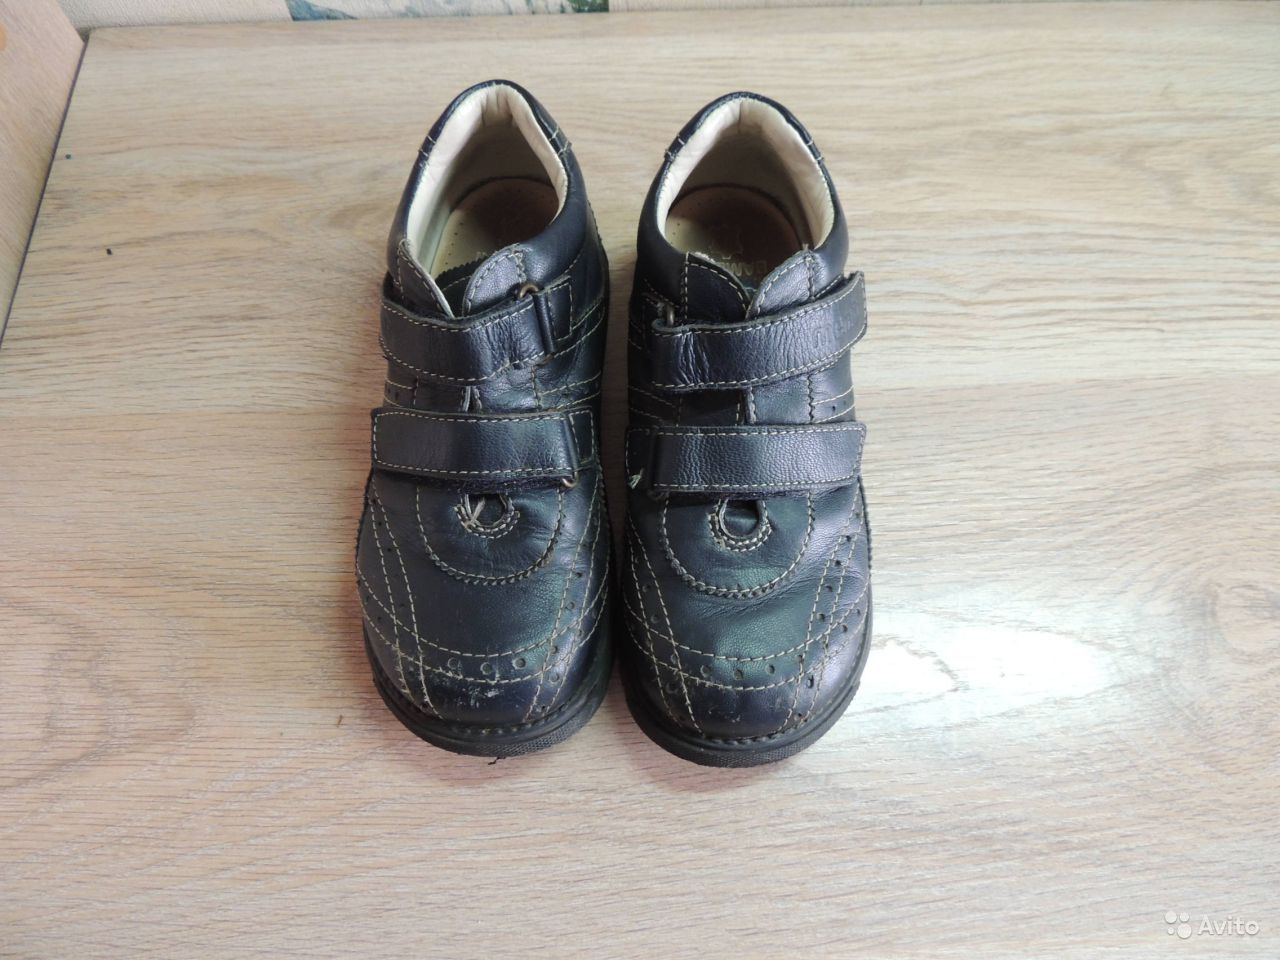 ba4a84c88f594 Объявление Ортопедическая обувь (2 фотографии). Продам детскую - 2 ...